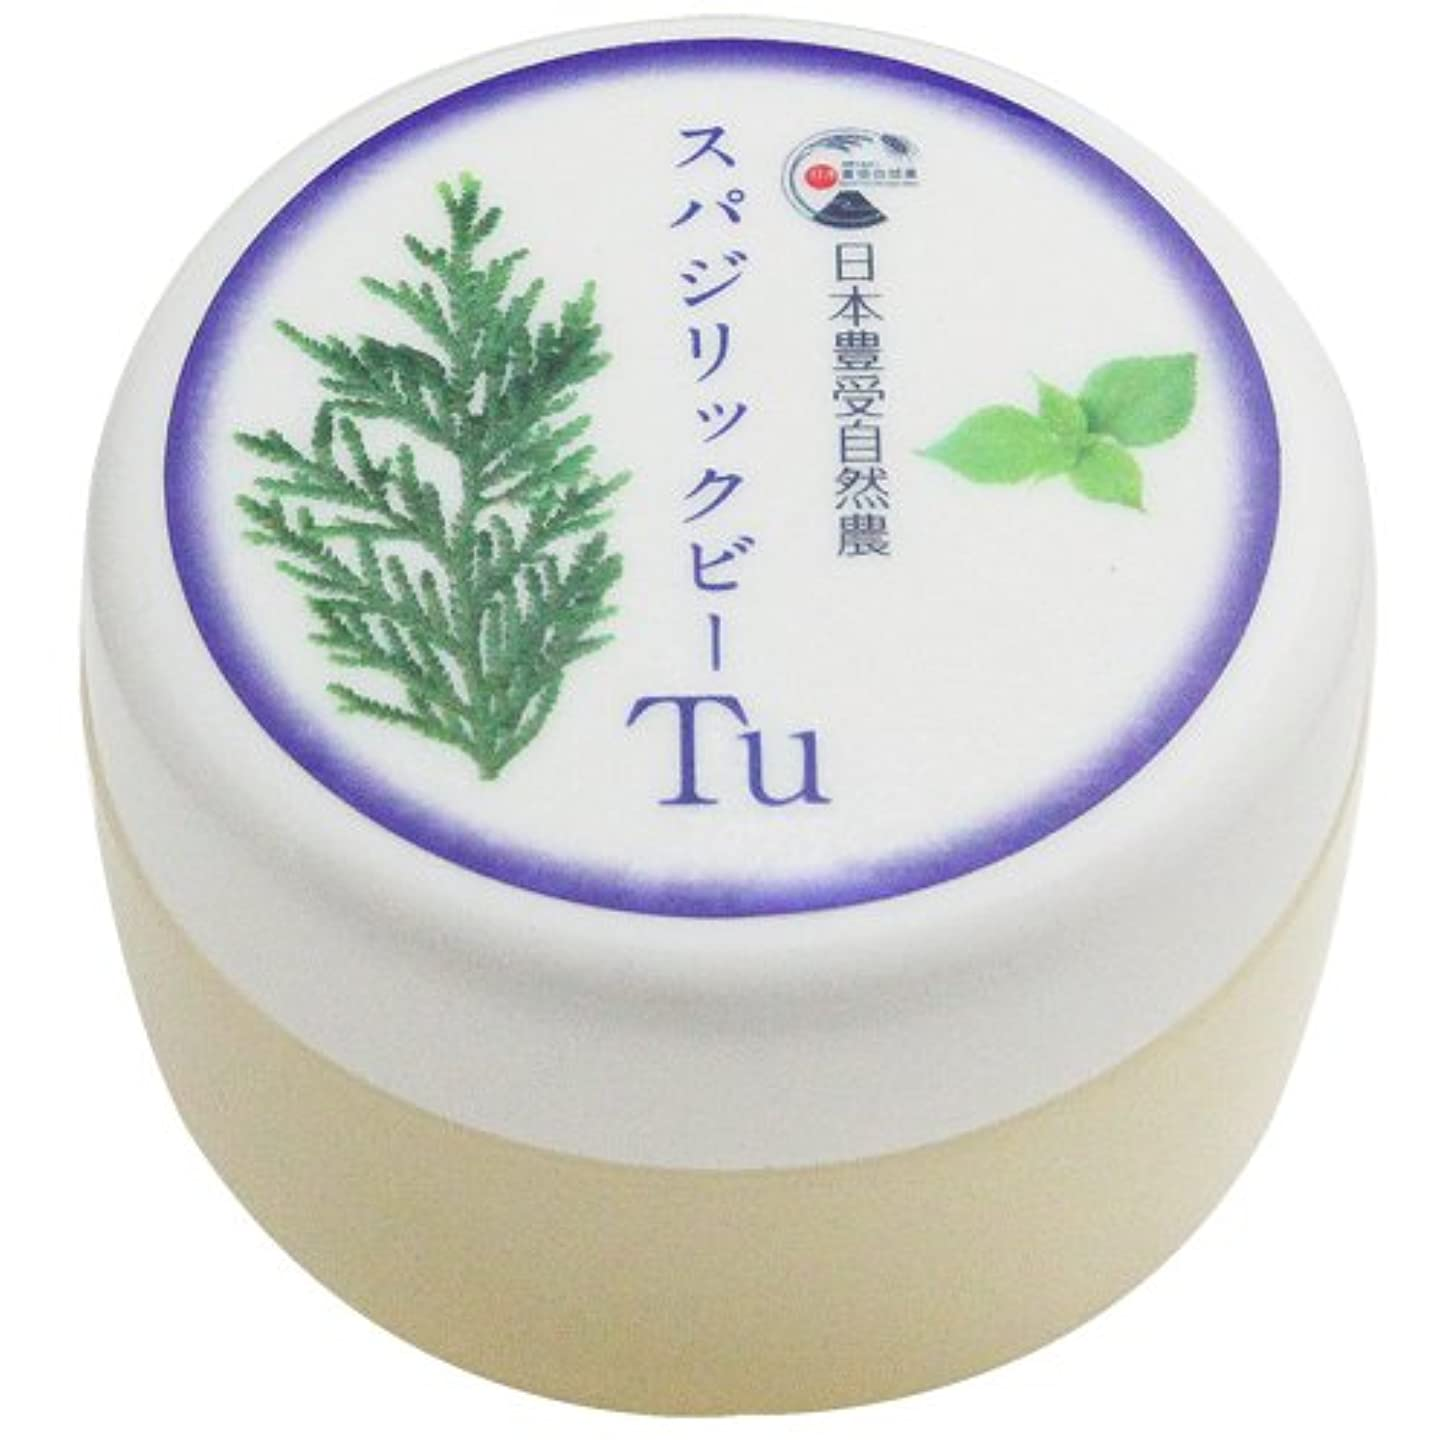 妊娠した呪い不誠実日本豊受自然農 スパジリック ビーTu(特大) 135g